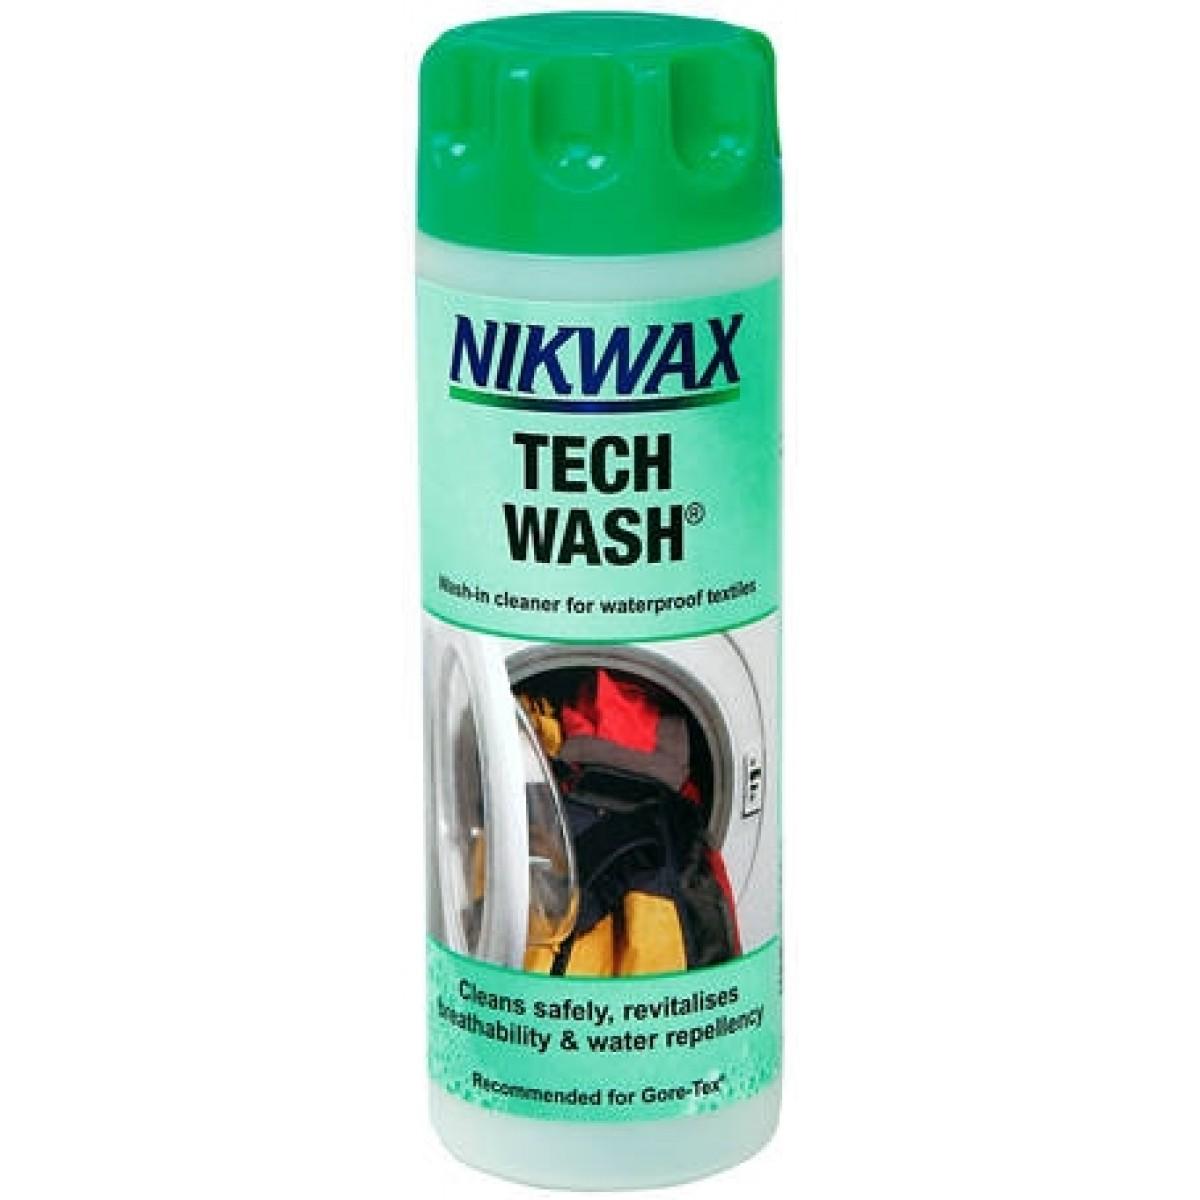 Nikwax Tech Wash 1000 ml